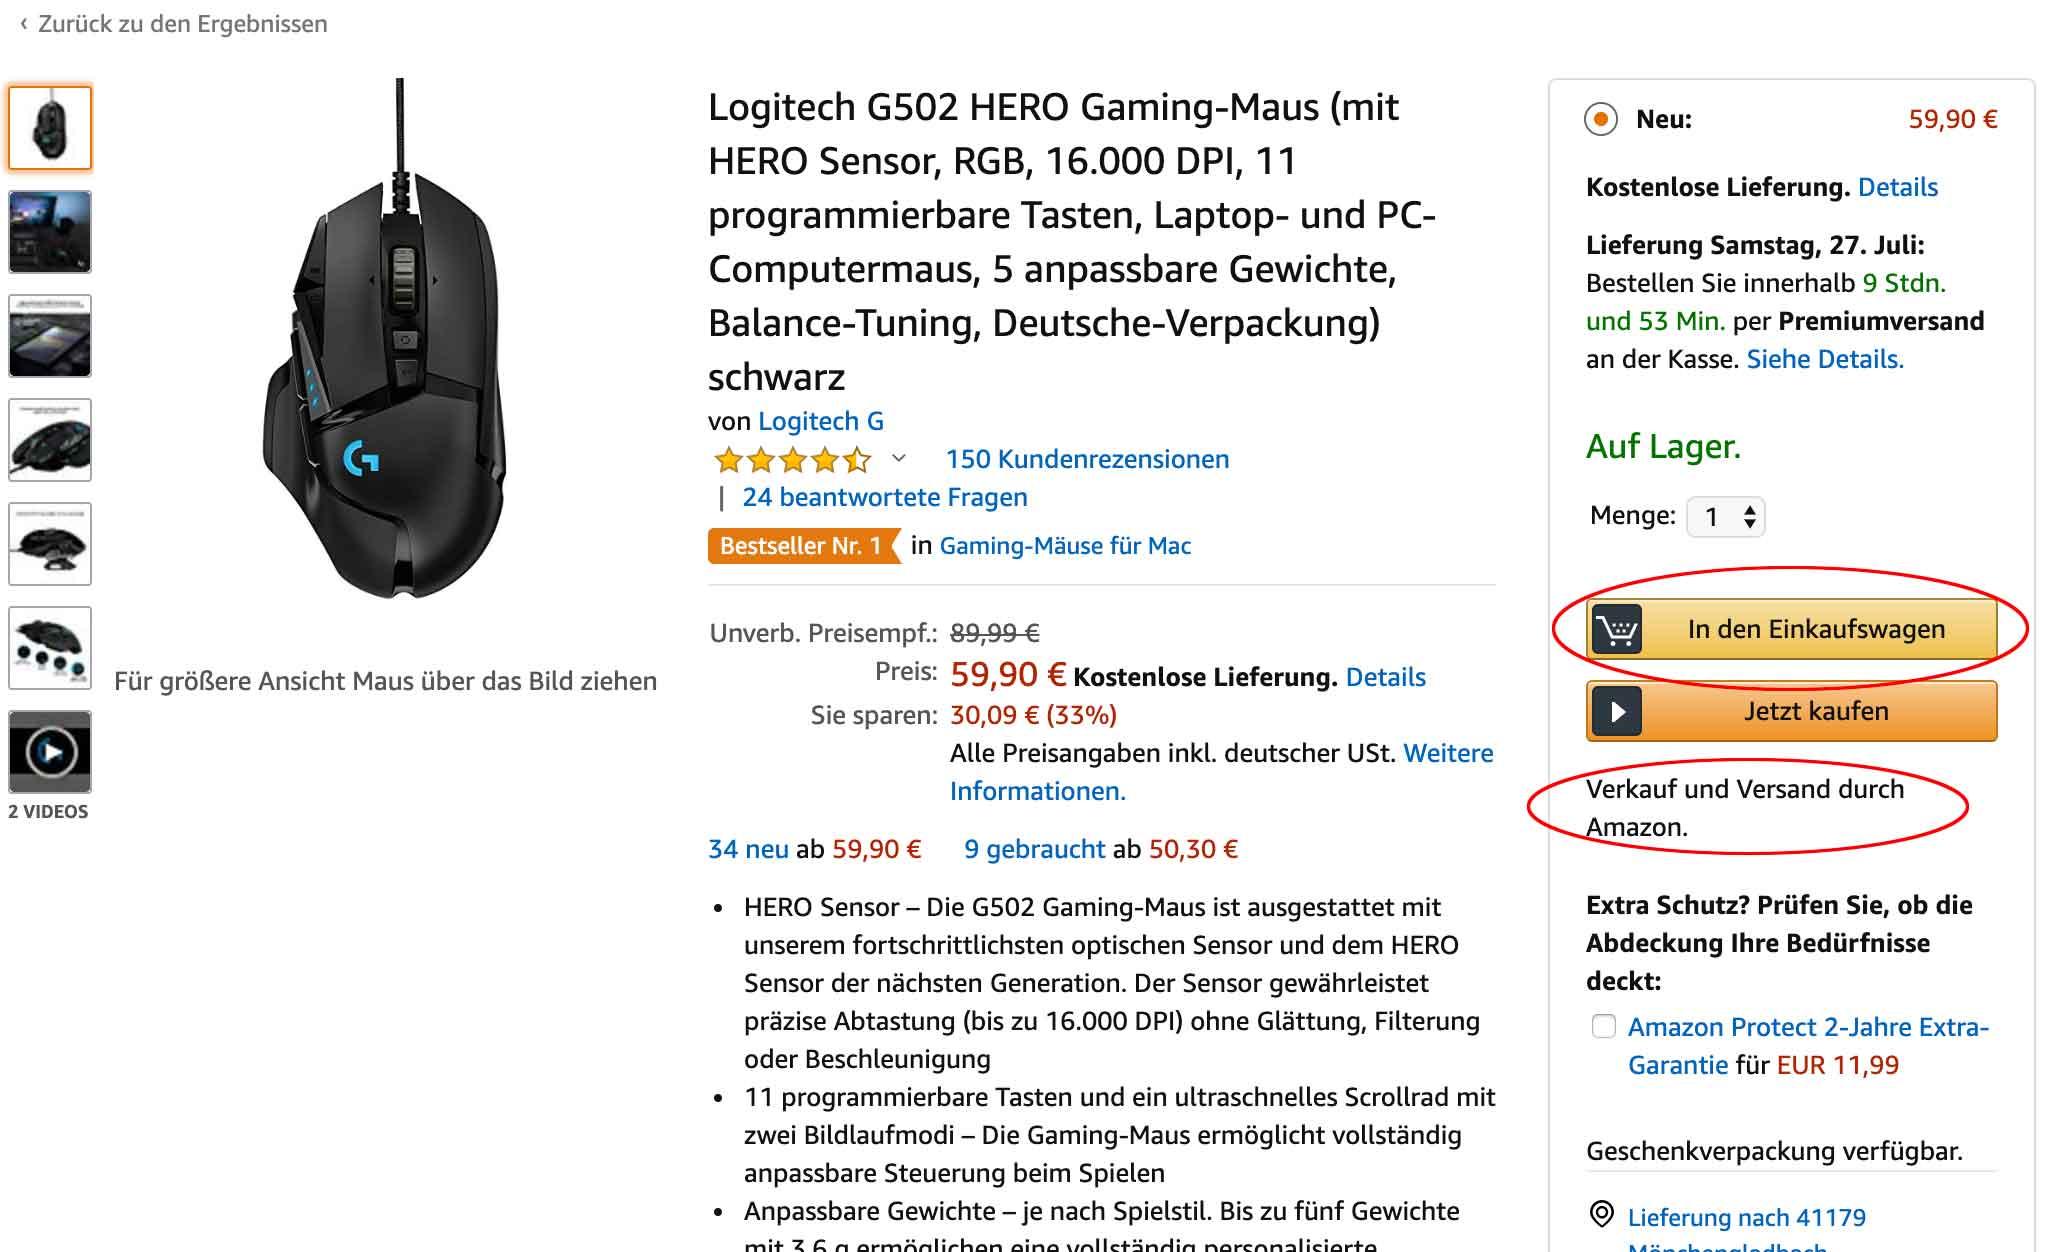 Buy Box Konkurrenz am Beispiel einer Gaming Maus